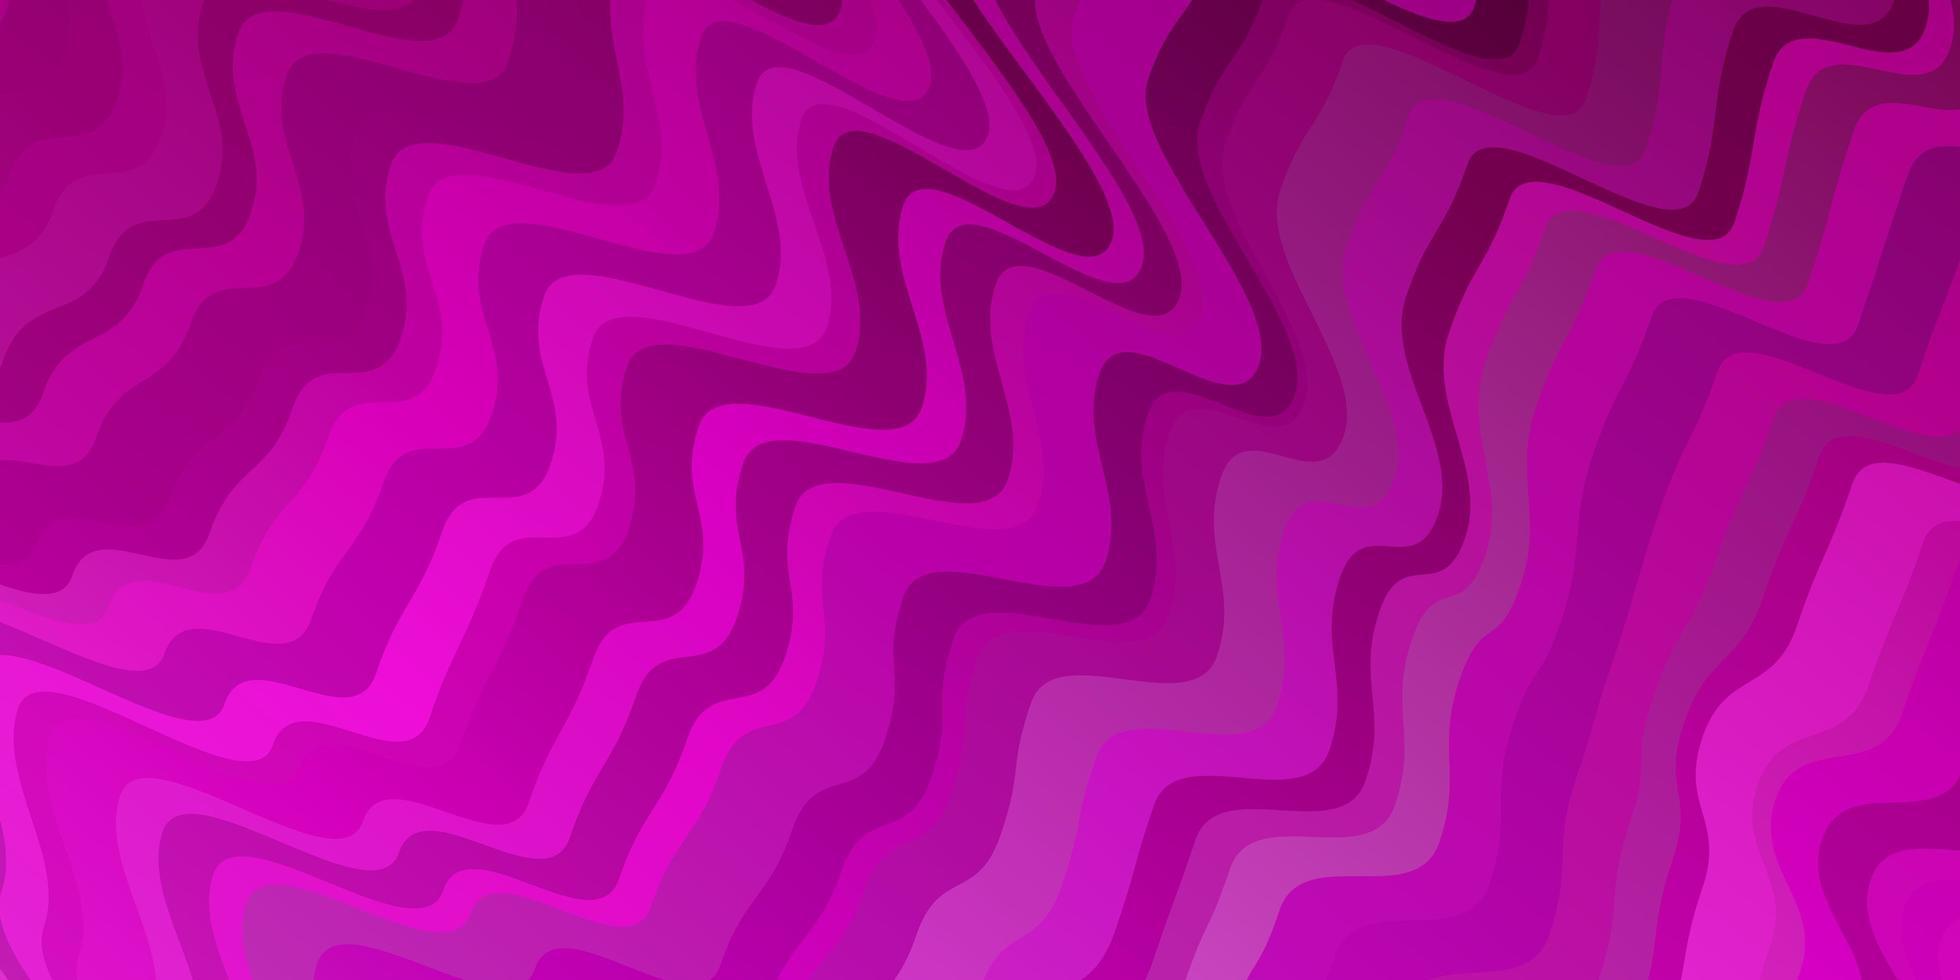 sfondo rosa con linee piegate. vettore